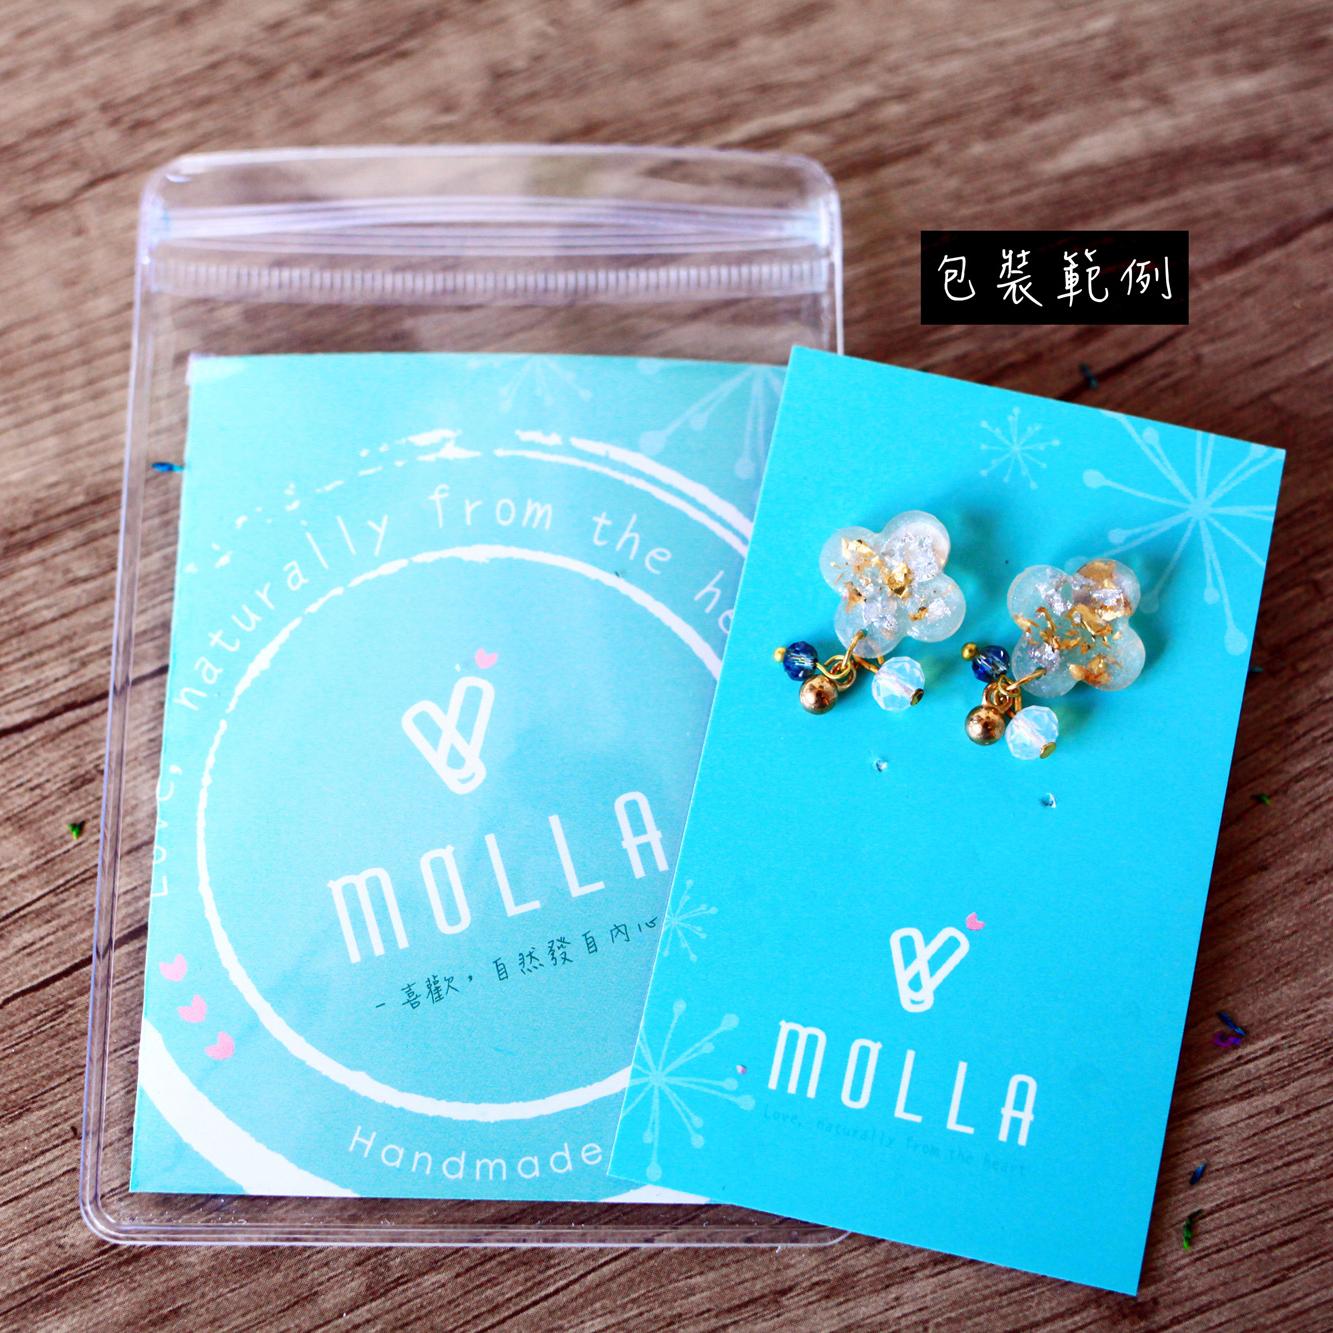 Molla 就想好好發呆北極熊吊飾(女生最愛手作吊飾、鑰匙圈、手機吊飾)